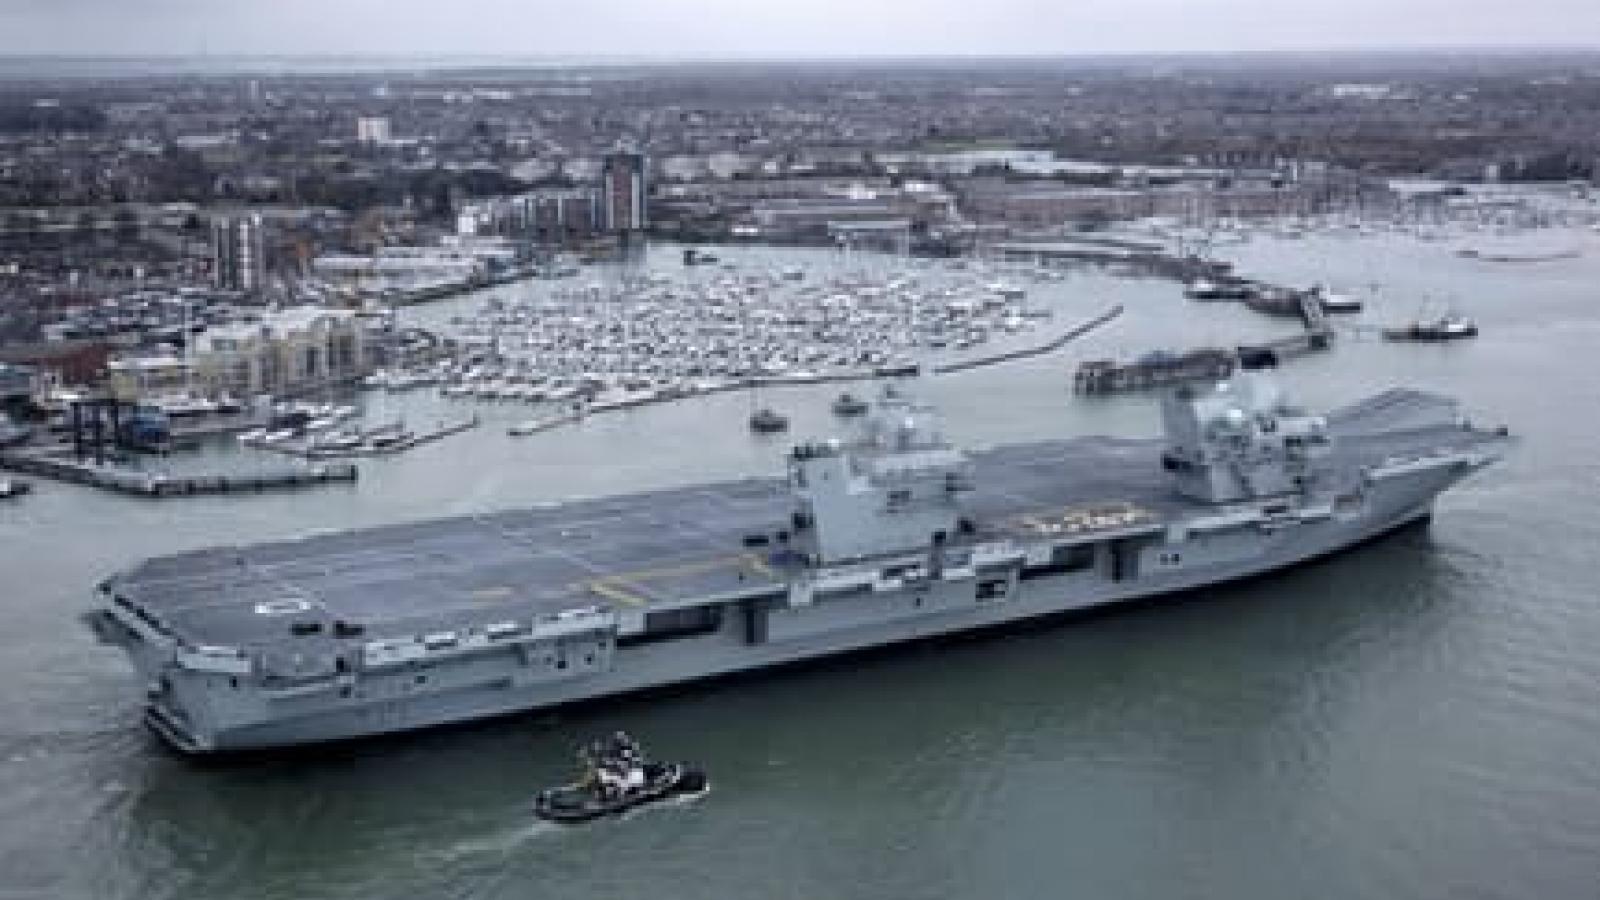 Nhật, Mỹ, Anh và Australia tập trận với sự tham gia của tàu sân bay HMS Queen Elizabeth